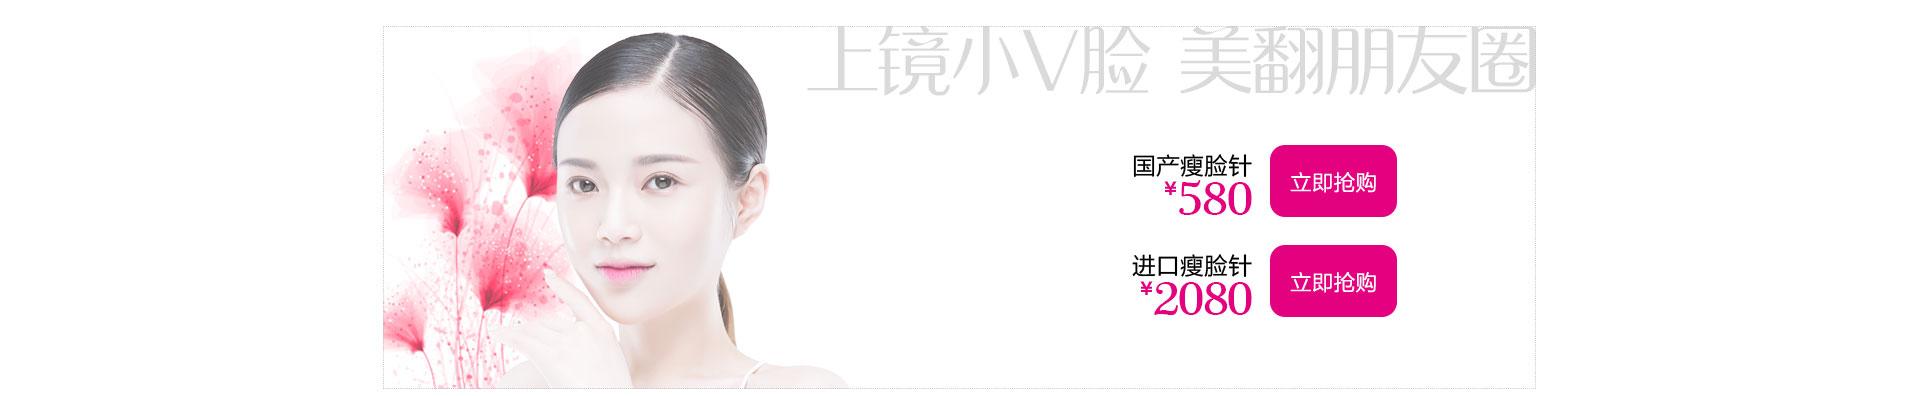 长沙雅美瘦脸针优惠,让你拥有V字脸